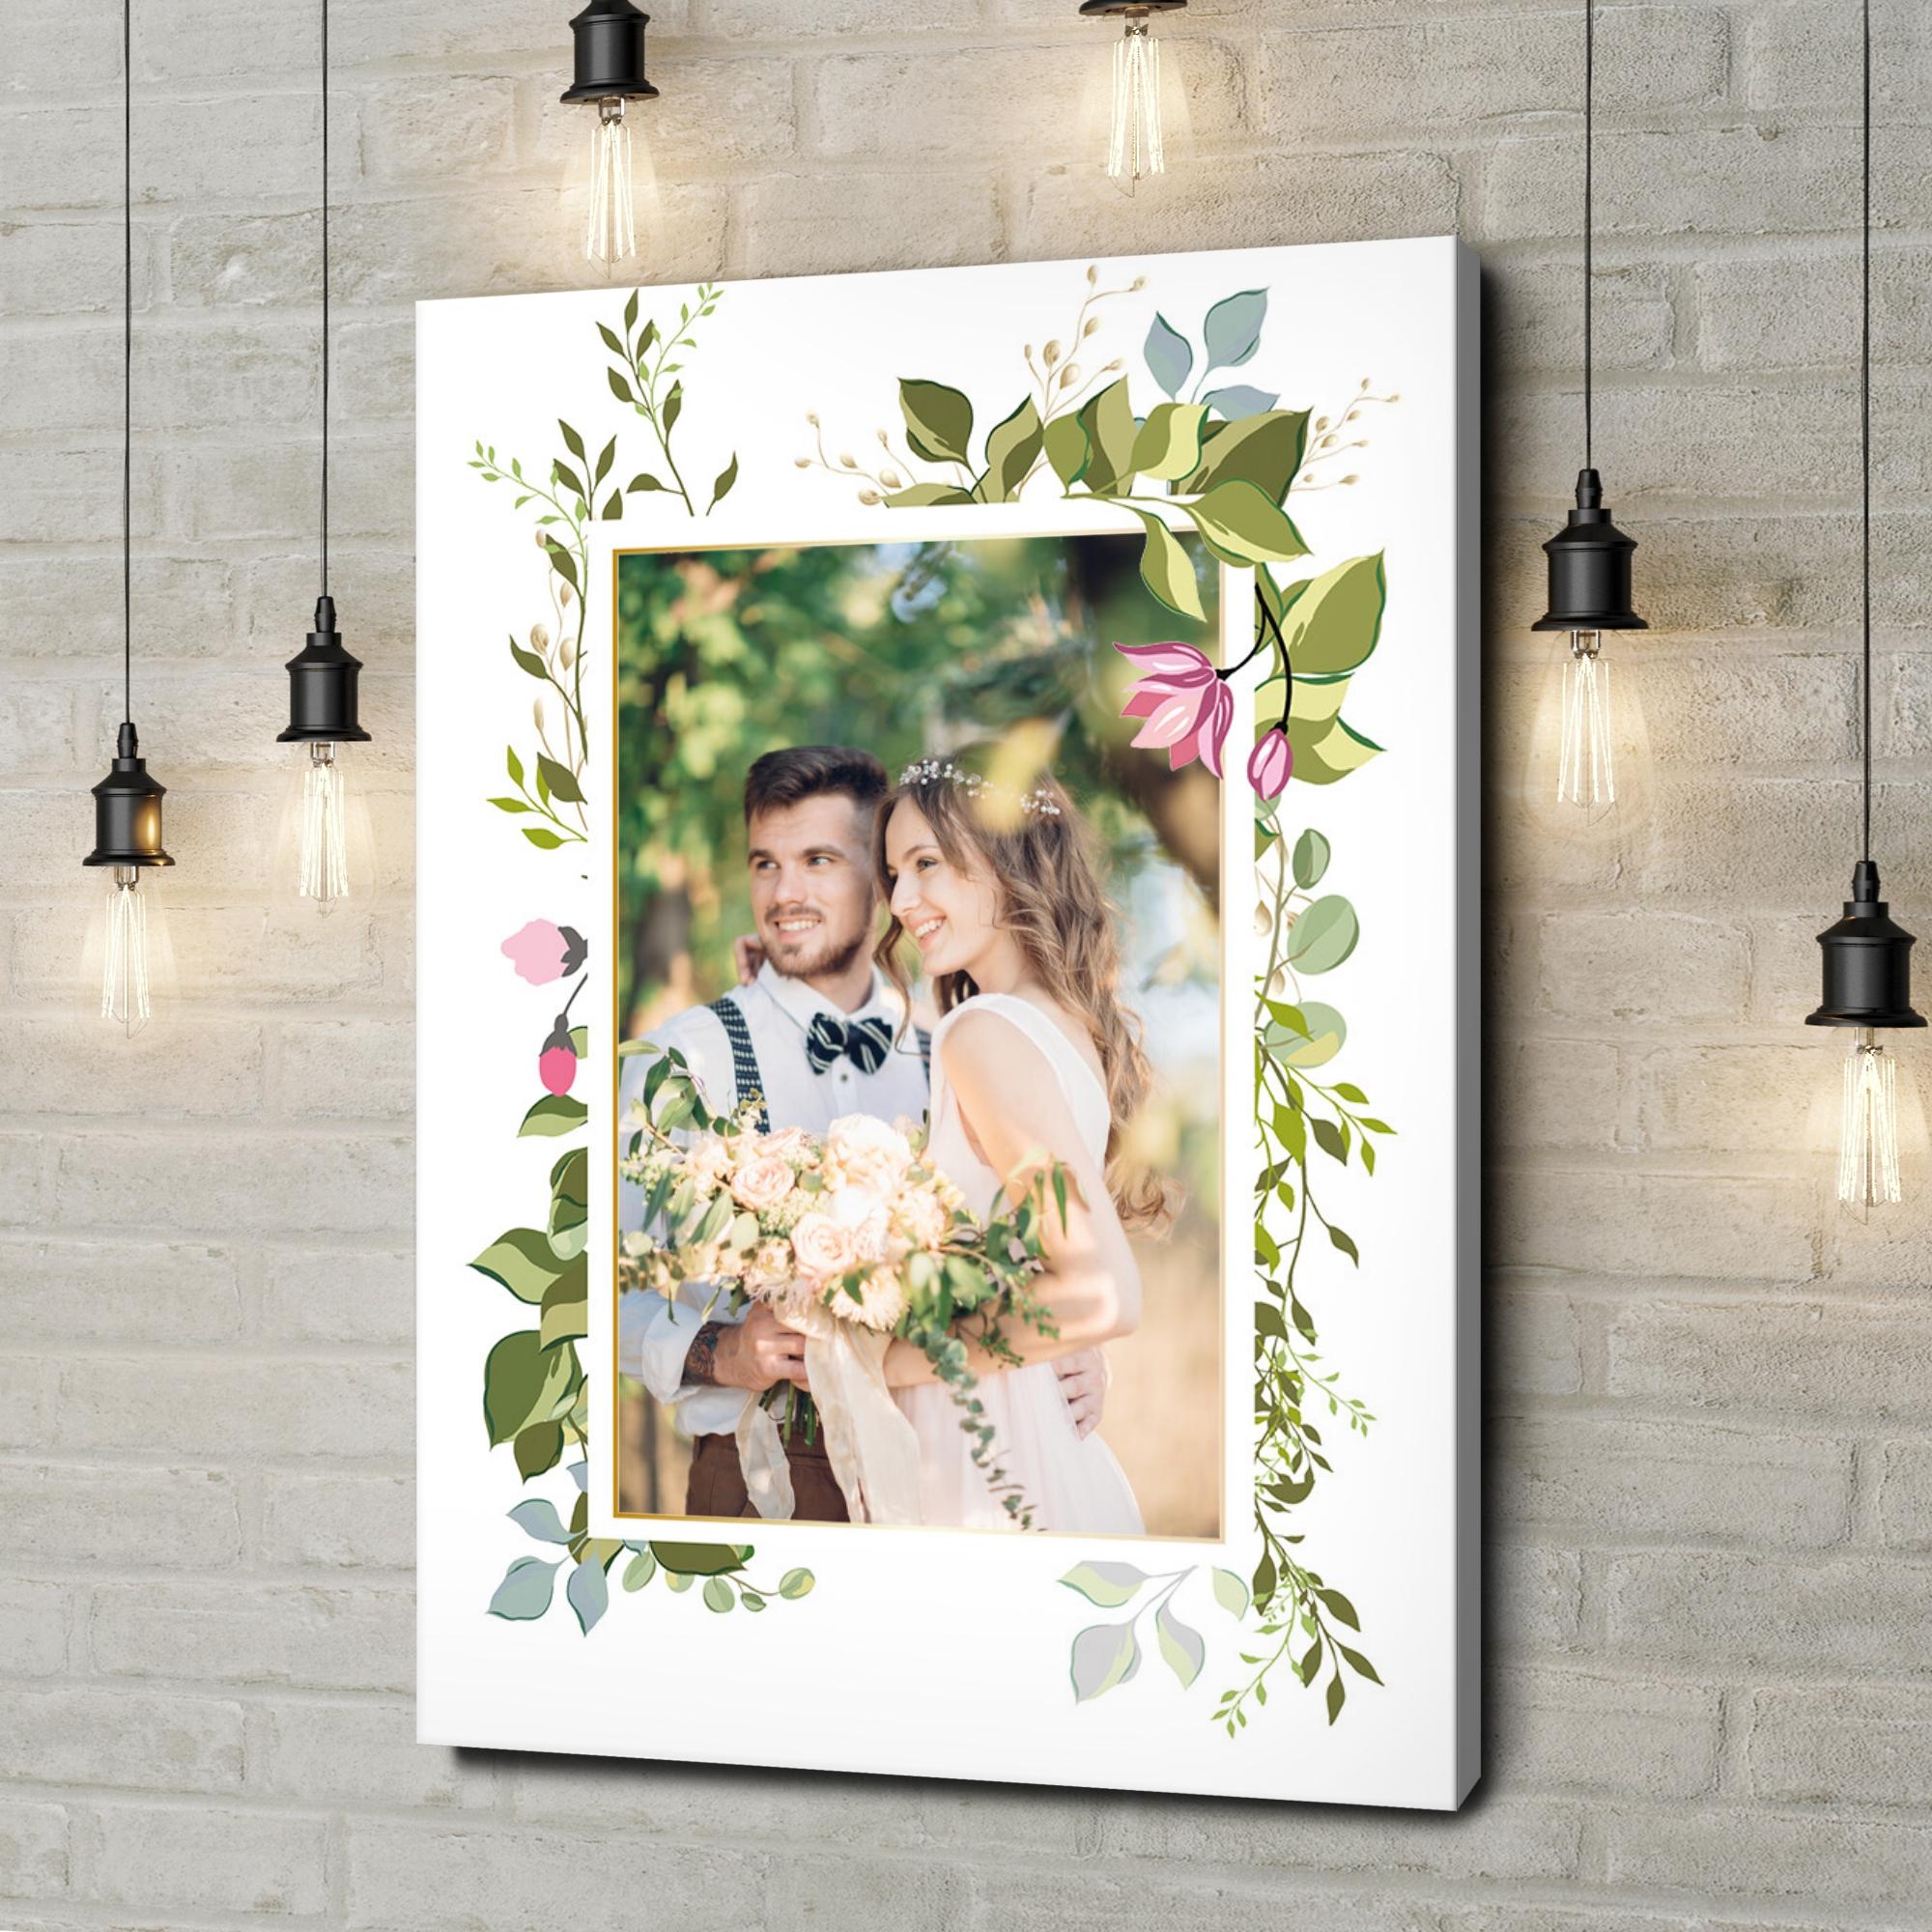 Leinwandbild personalisiert Hintergrund: Blumenranke